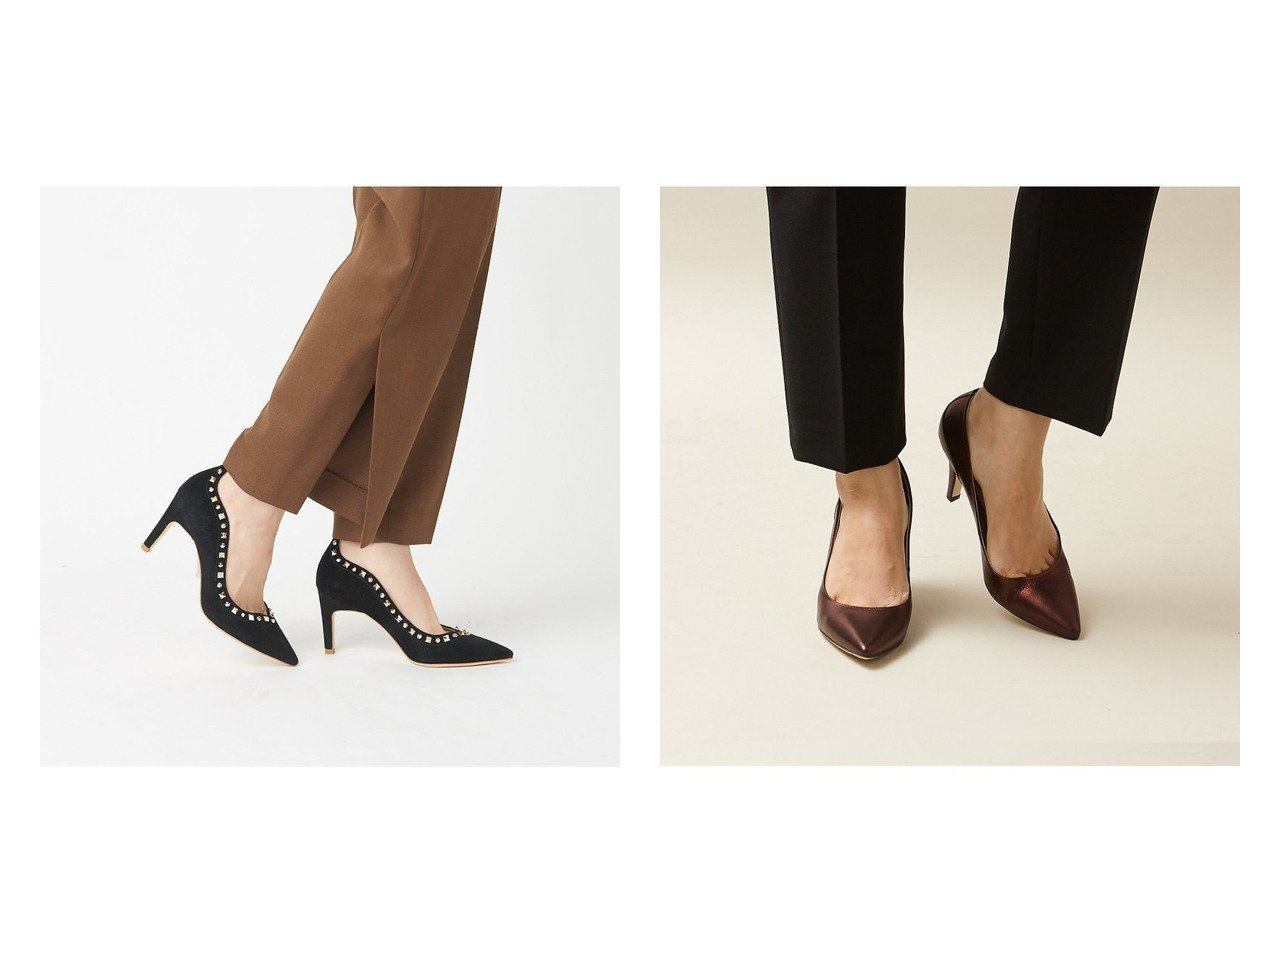 【Au BANNISTER/オゥ バニスター】のSaffree カラーメタリックパンプス&ミックススタッズパンプス シューズ・靴のおすすめ!人気、トレンド・レディースファッションの通販  おすすめで人気の流行・トレンド、ファッションの通販商品 メンズファッション・キッズファッション・インテリア・家具・レディースファッション・服の通販 founy(ファニー) https://founy.com/ ファッション Fashion レディースファッション WOMEN シューズ A/W 秋冬 AW Autumn/Winter / FW Fall-Winter なめらか インソール ハイヒール パーティ メタリック |ID:crp329100000019273